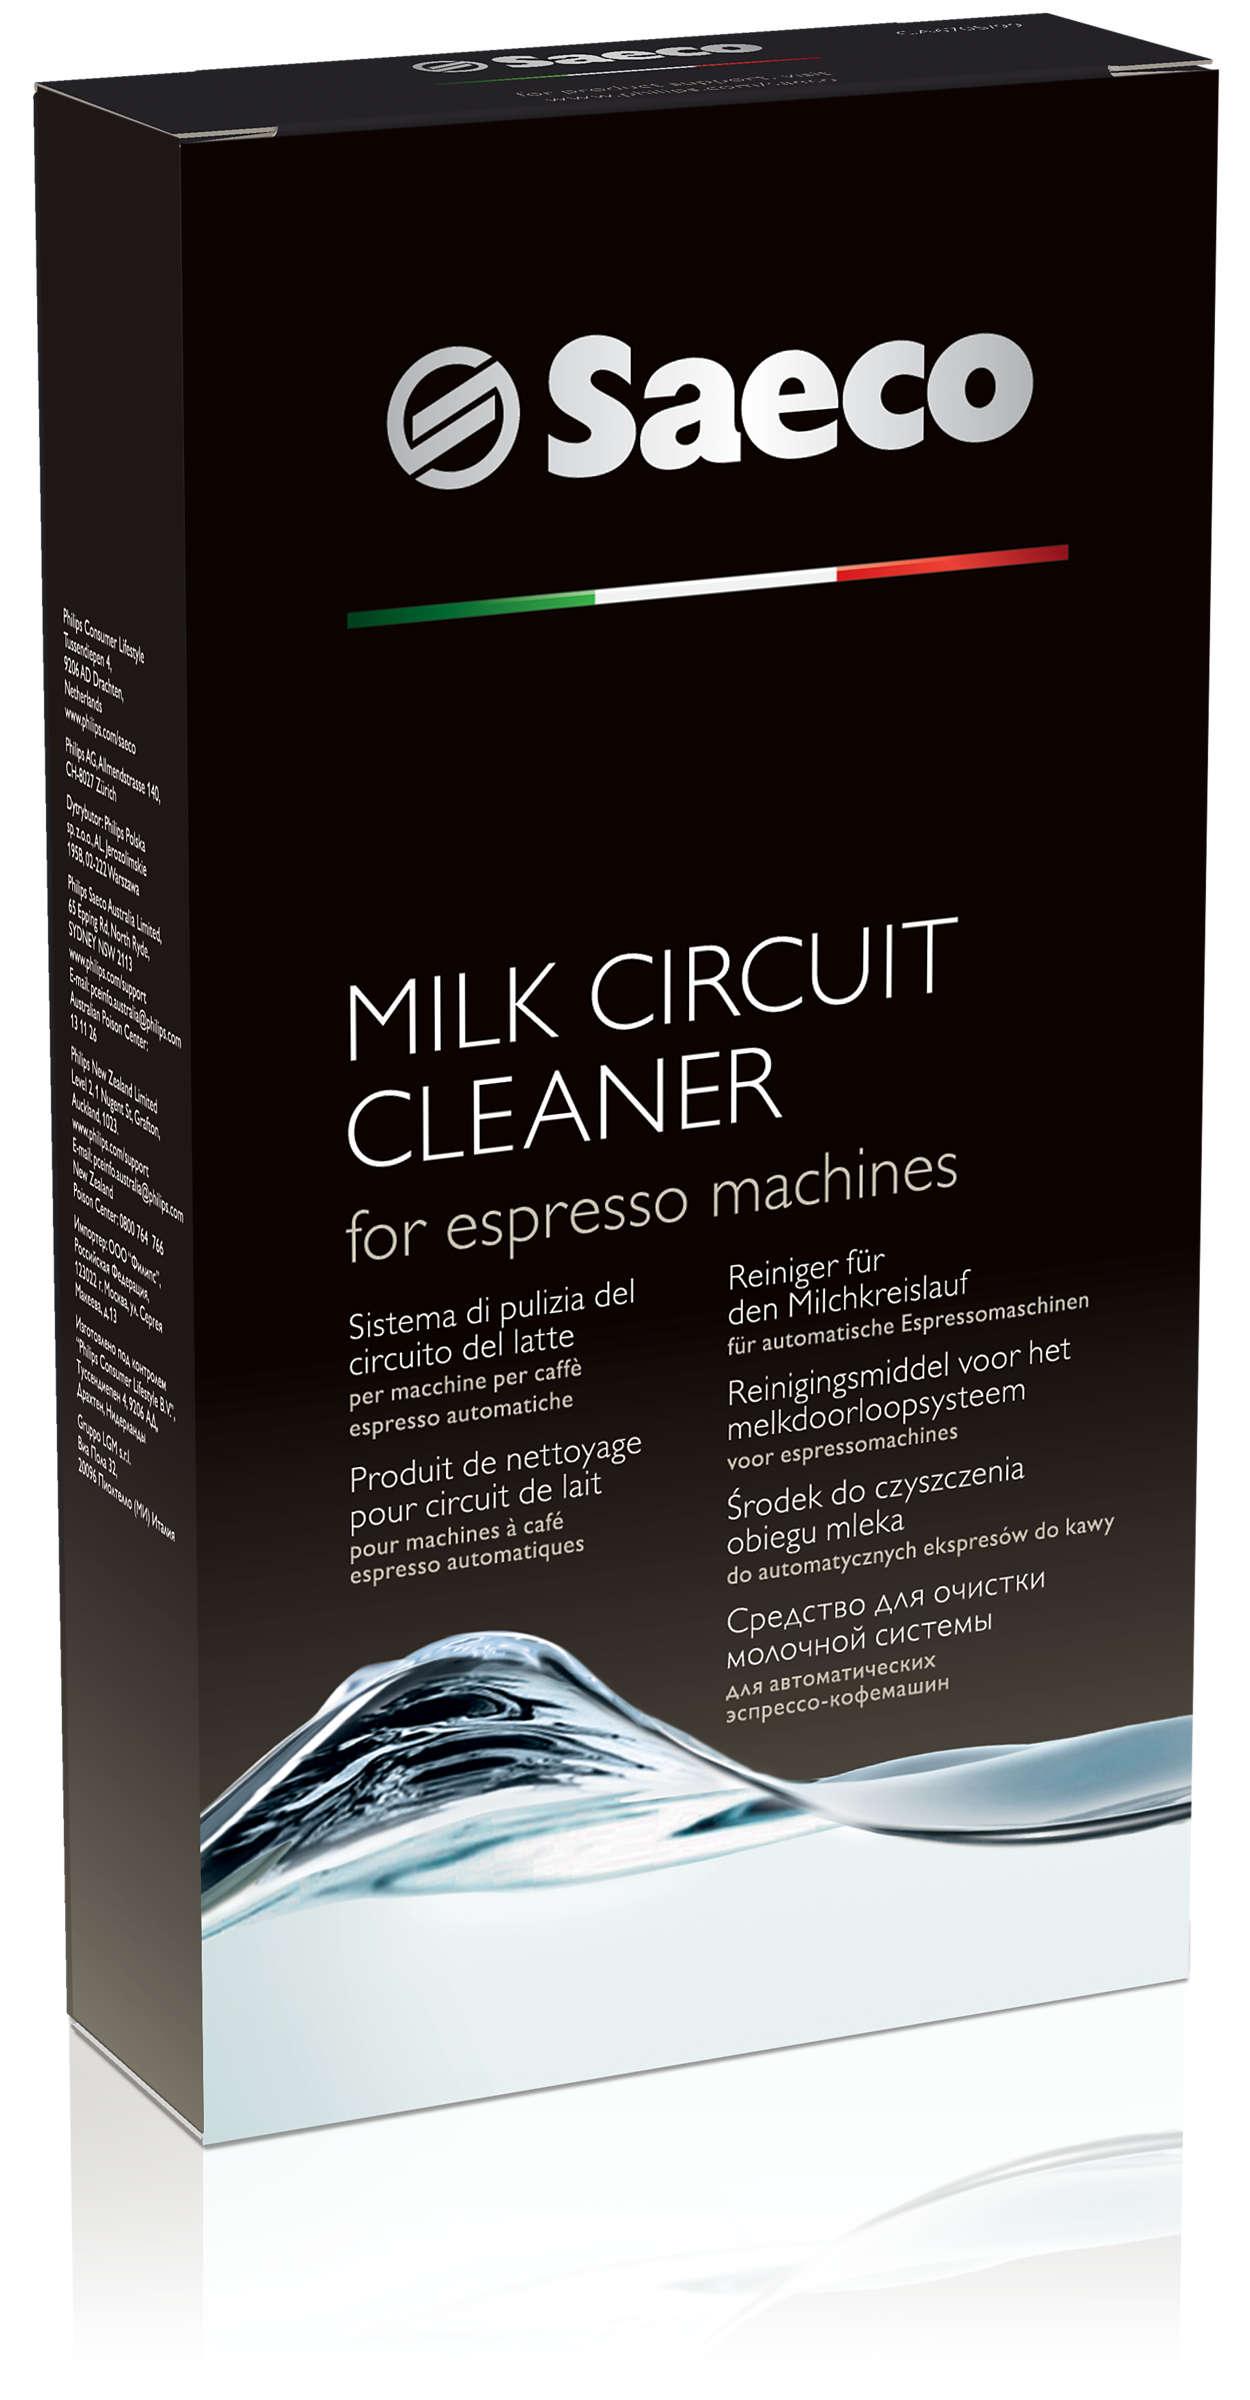 Maakt het melkdoorloopsysteem grondig schoon